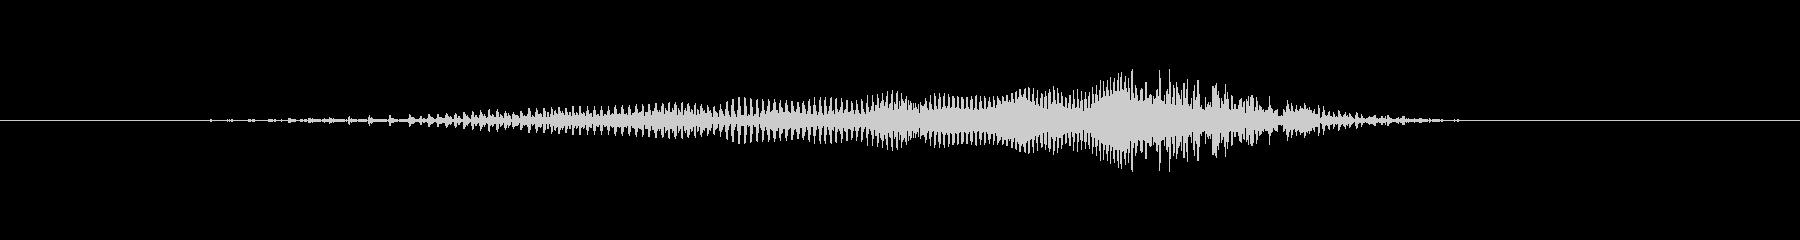 鳴き声 女性02攻撃16の未再生の波形